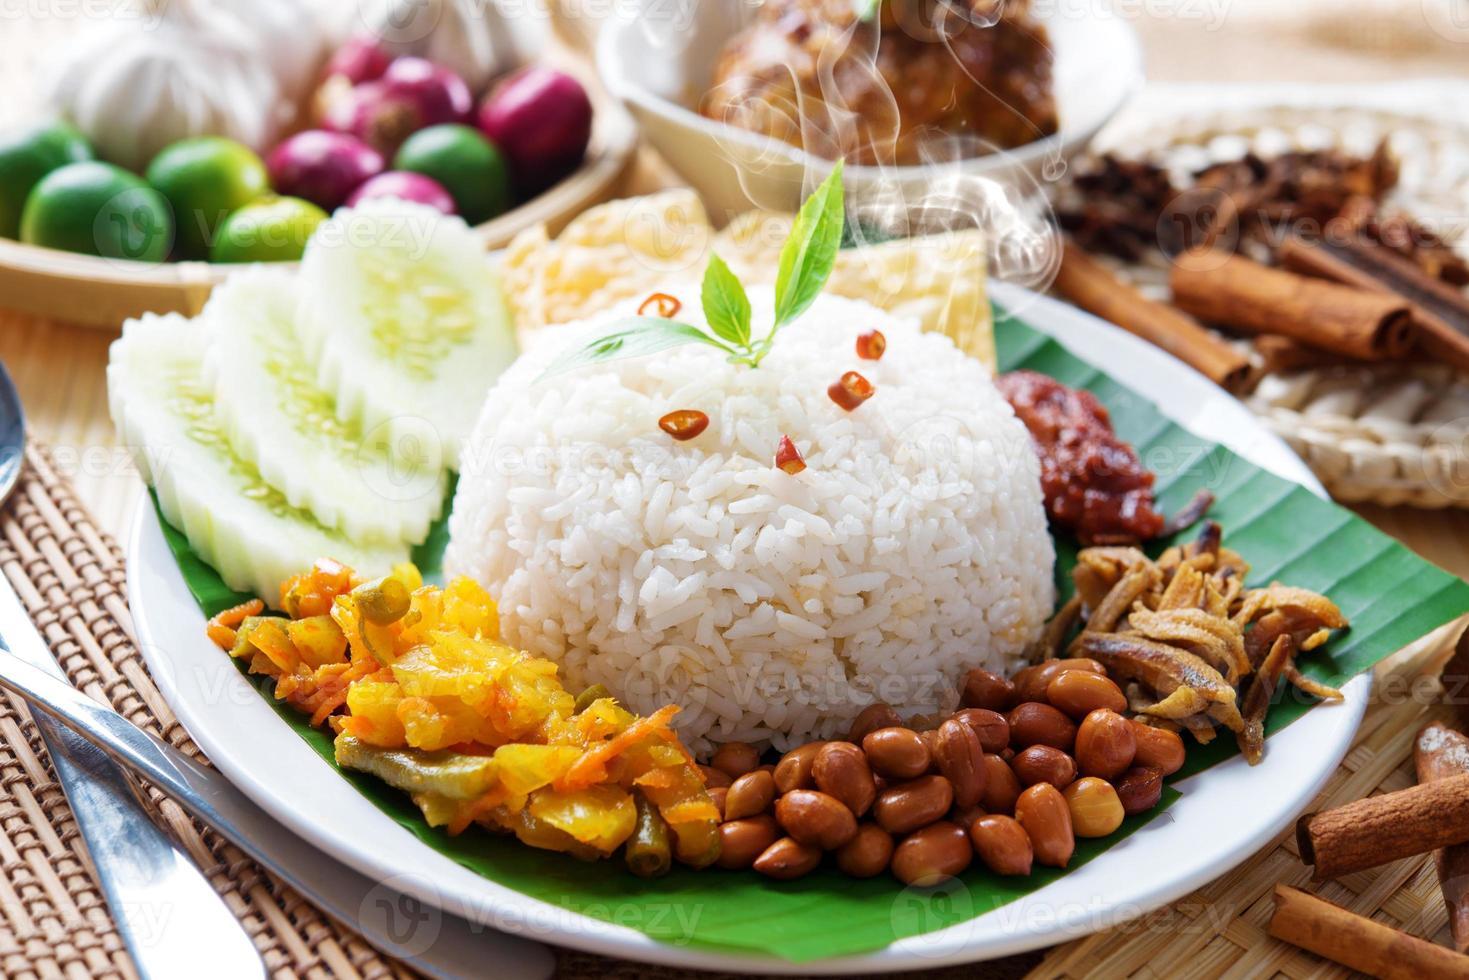 nasi lemak prato da malásia foto